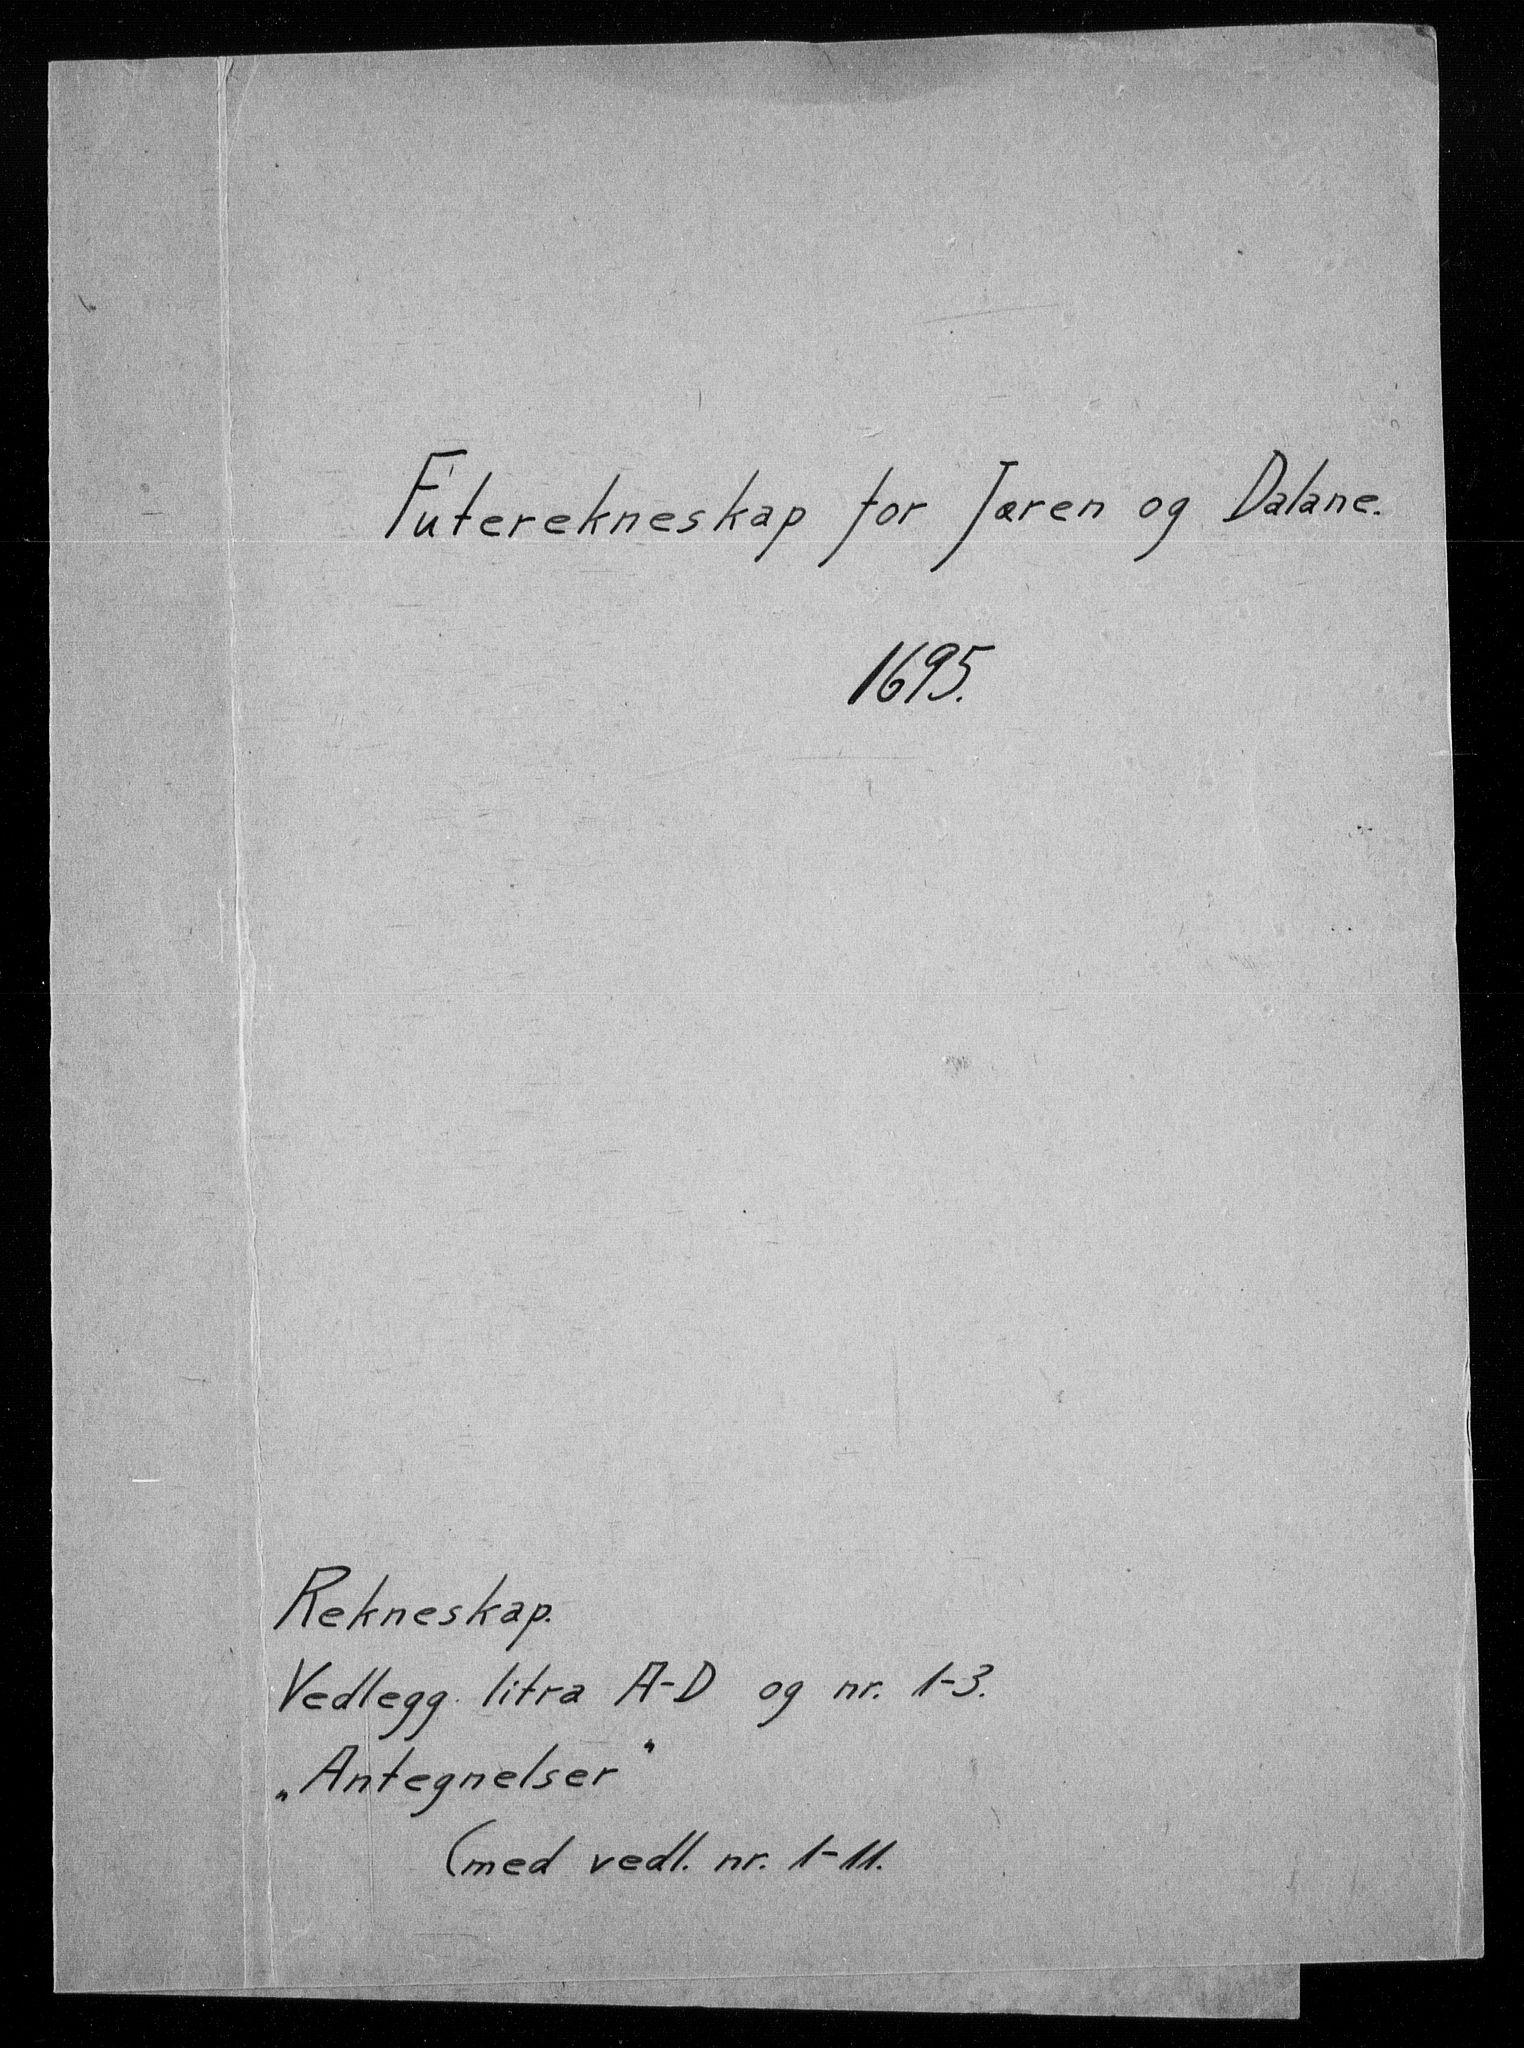 RA, Rentekammeret inntil 1814, Reviderte regnskaper, Fogderegnskap, R46/L2728: Fogderegnskap Jæren og Dalane, 1694-1696, s. 208